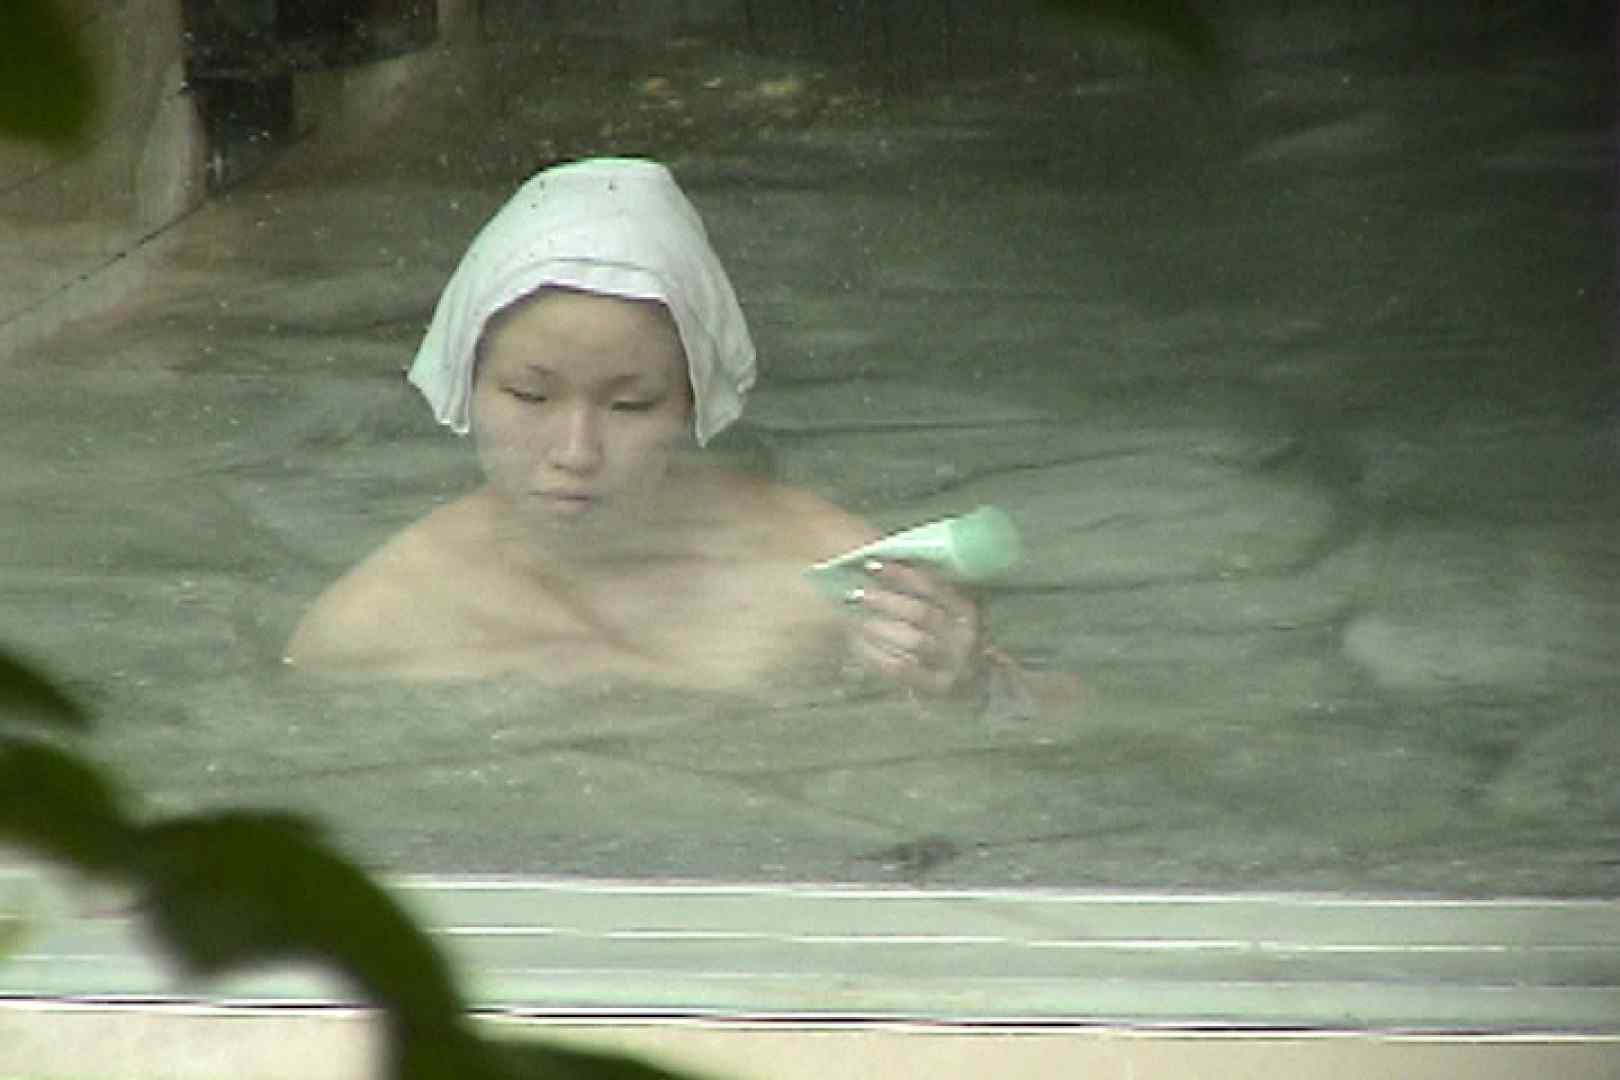 Aquaな露天風呂Vol.708 OLエロ画像  76PICs 45